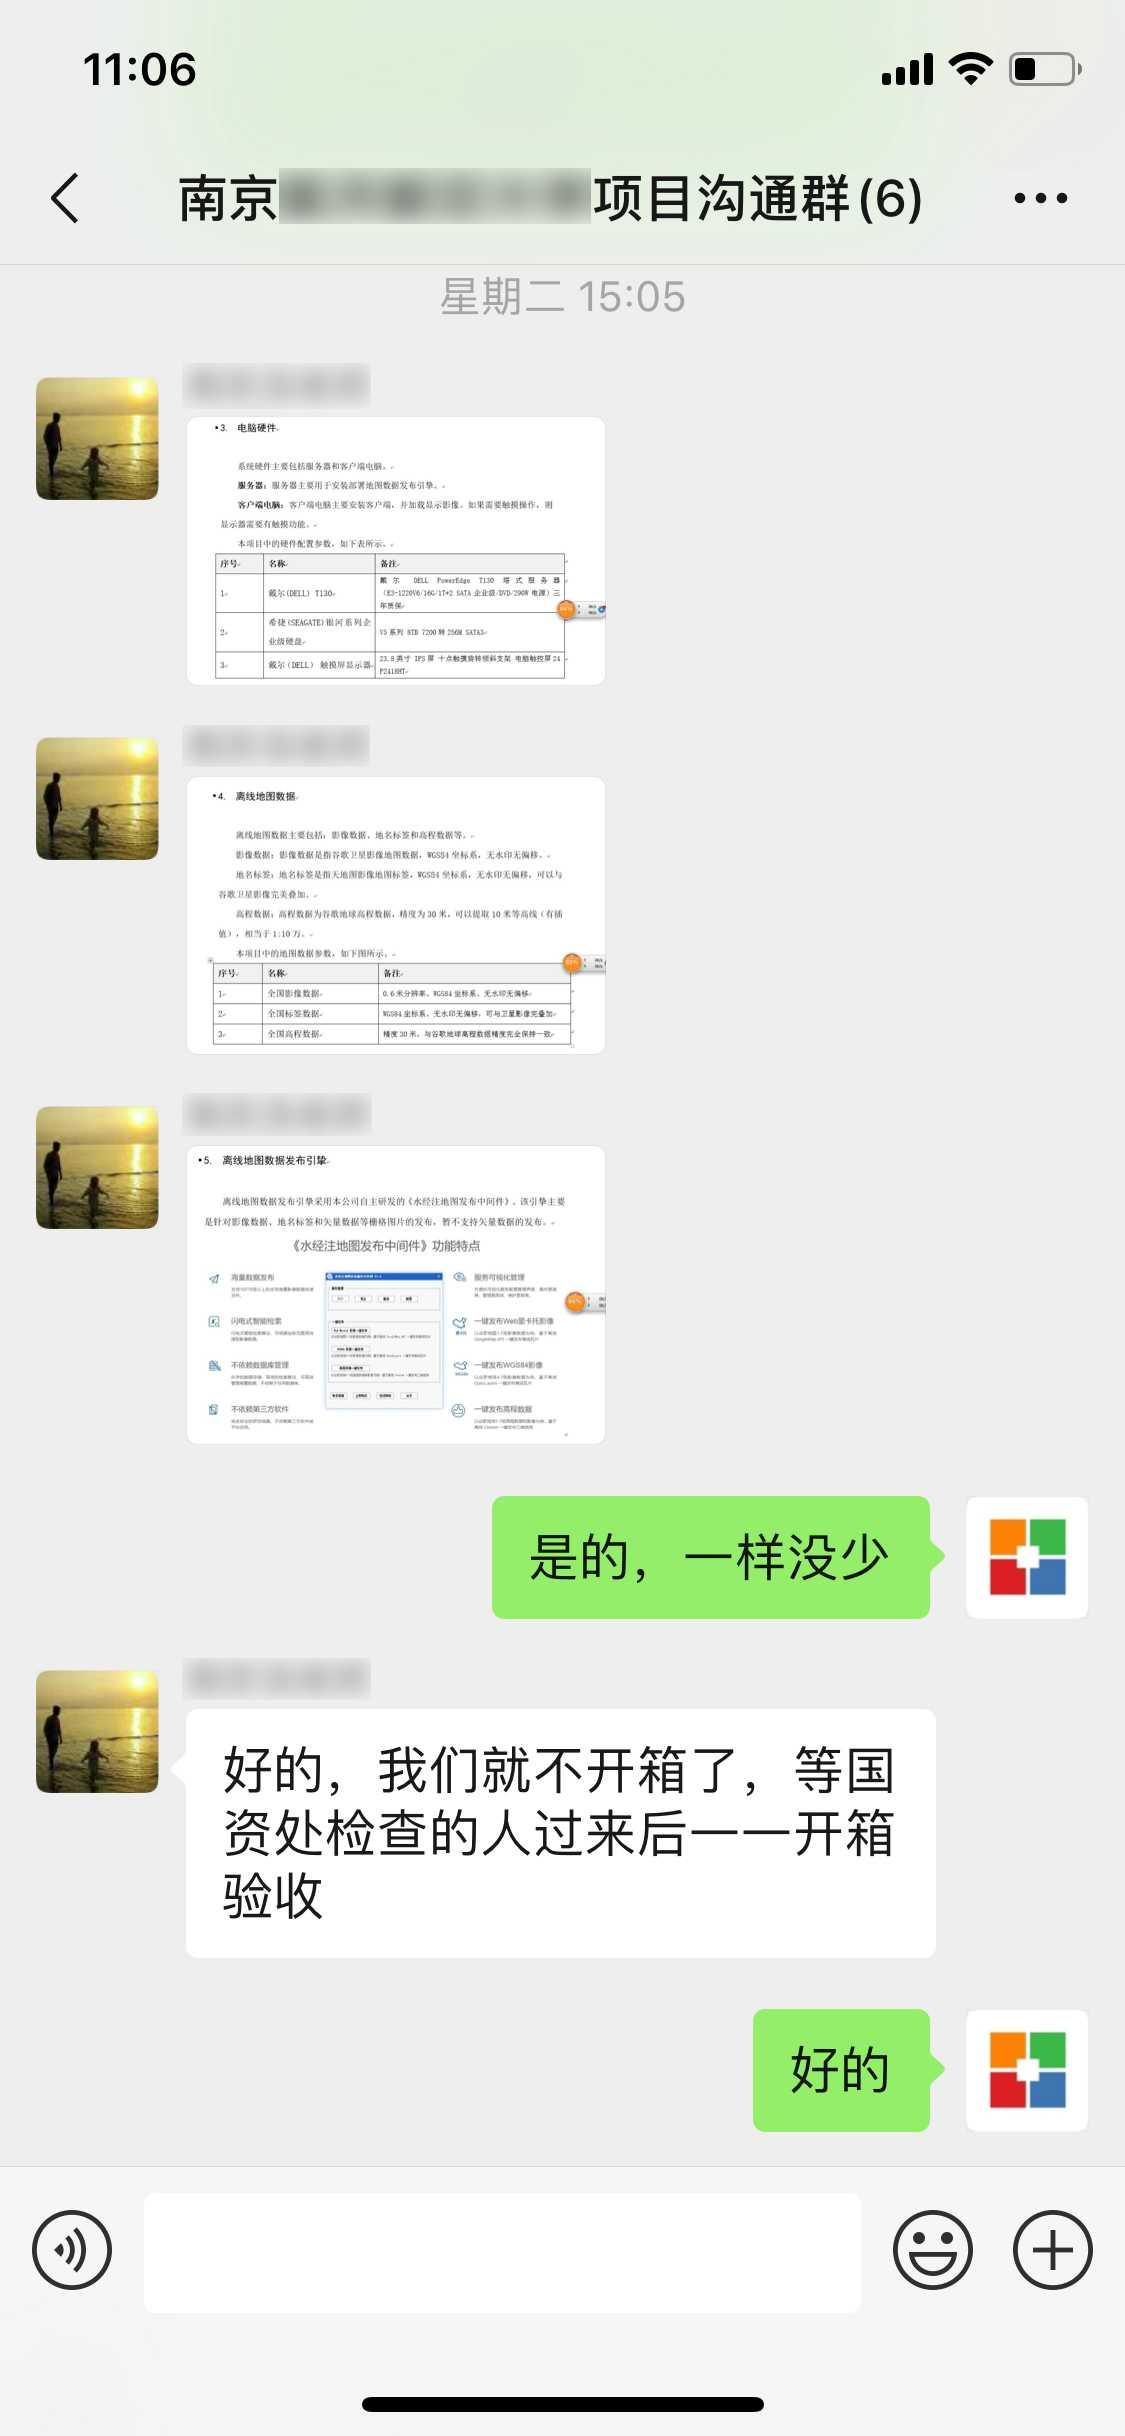 34项目情况沟通.jpg